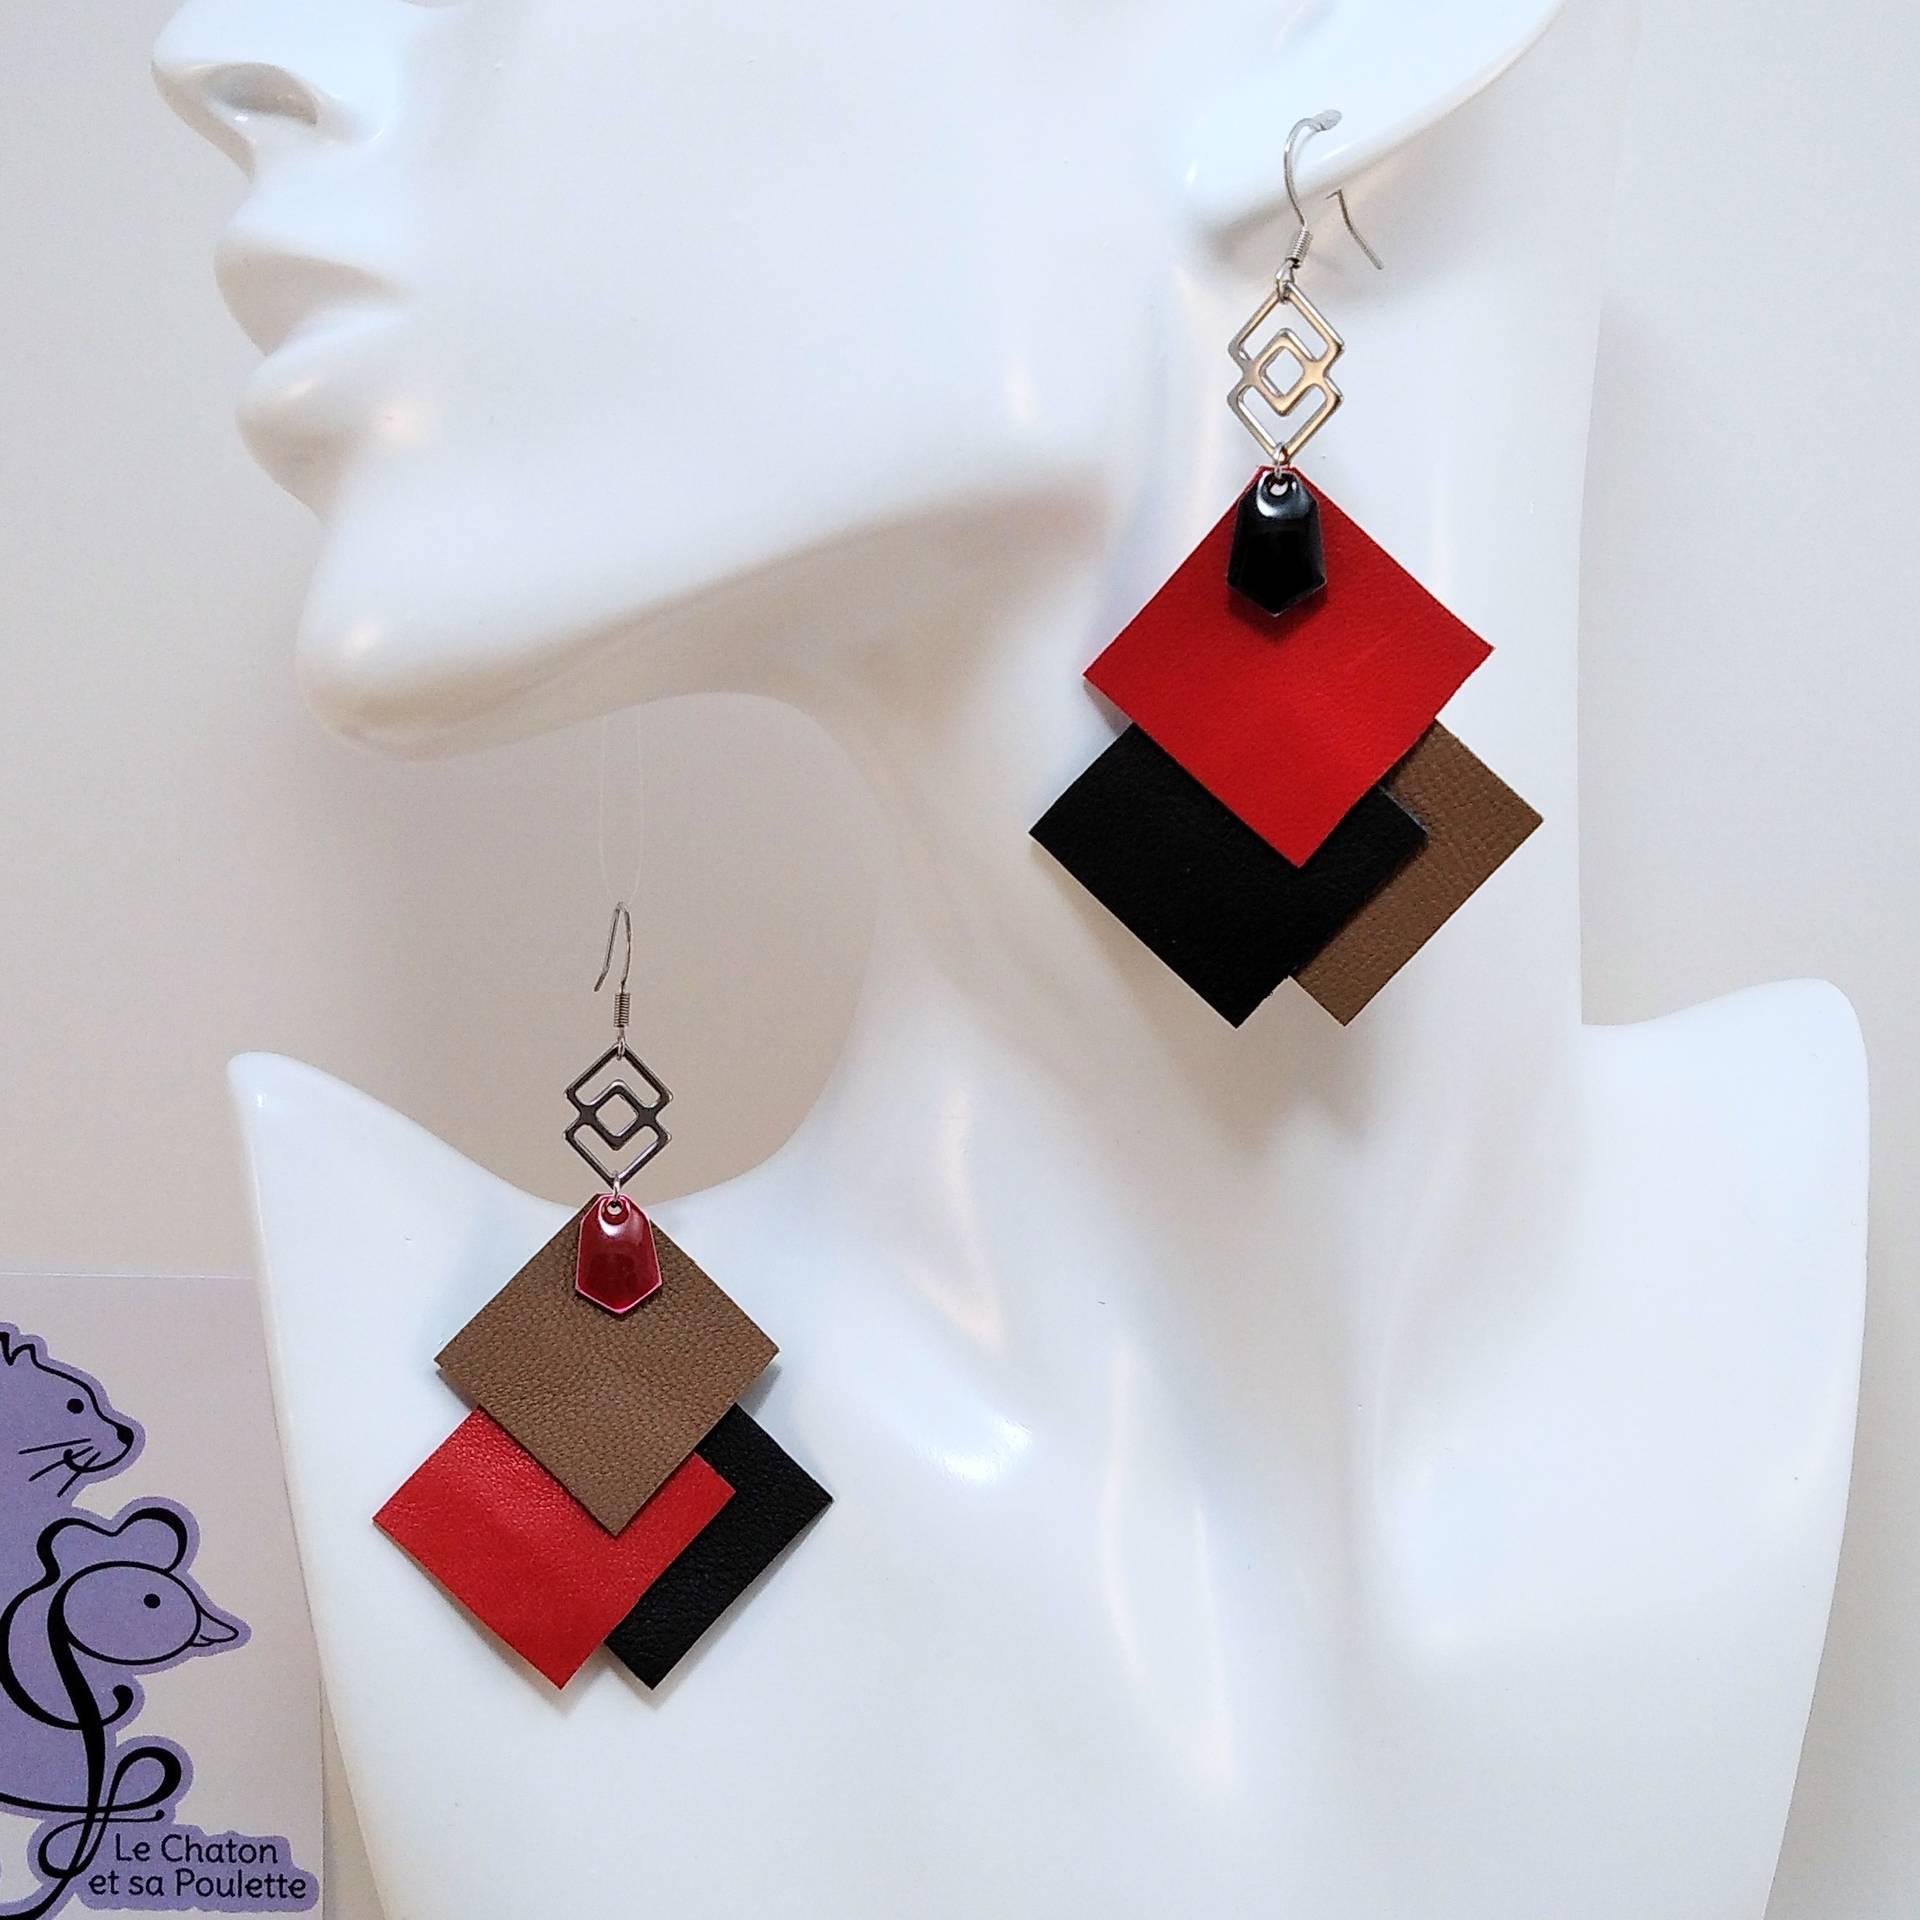 VENDUES ! B.O. FORMIDABLE modèle 6 Cuirs rouge/noir/sépia, breloque inox carrés entrelacés et diamant noir ou rouge